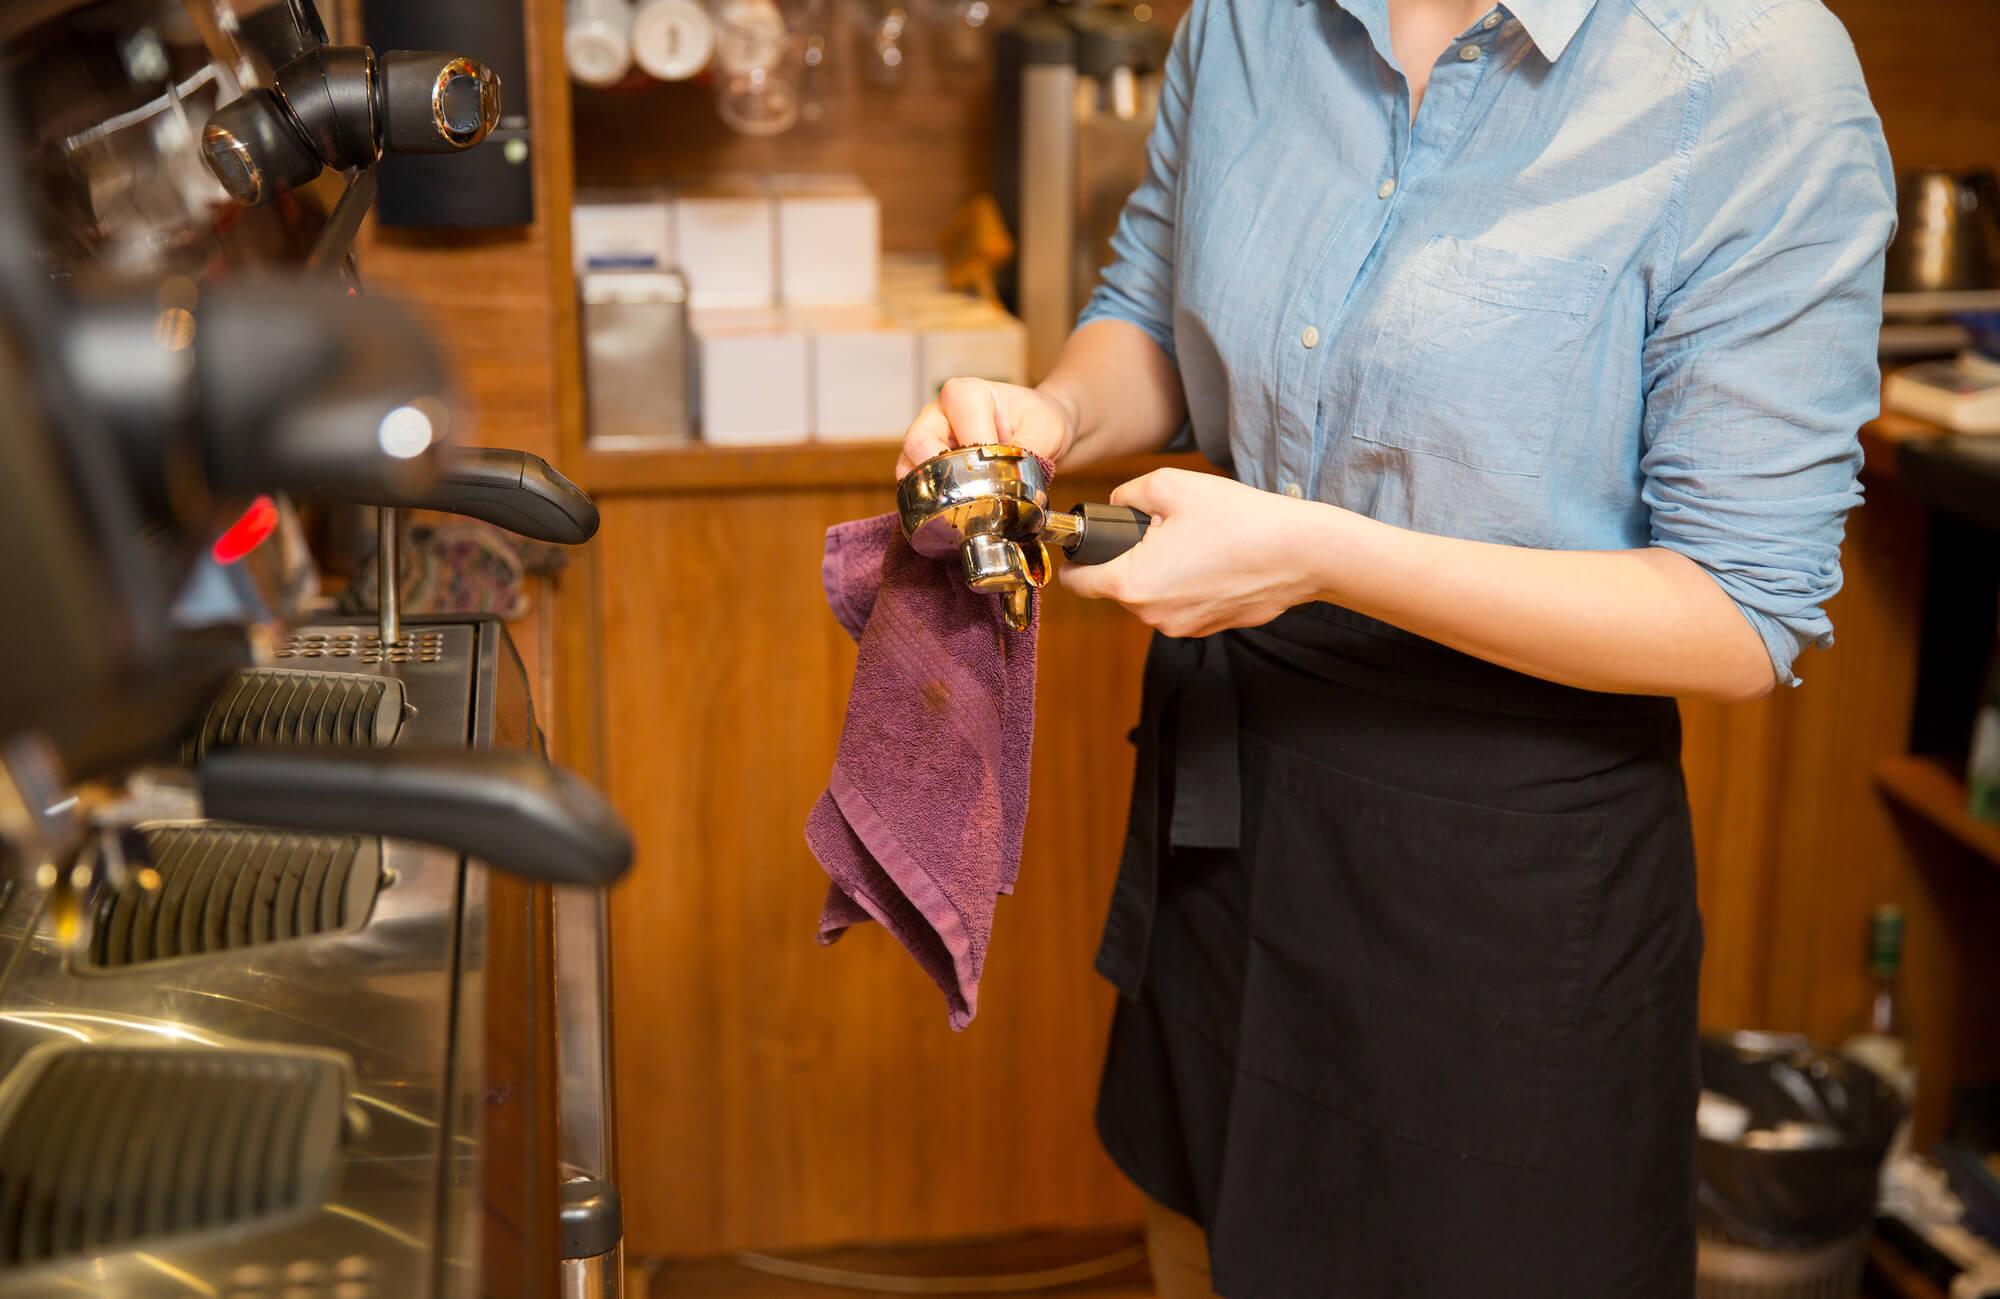 Descalcificar cafeteira: entenda e aprenda como fazer!